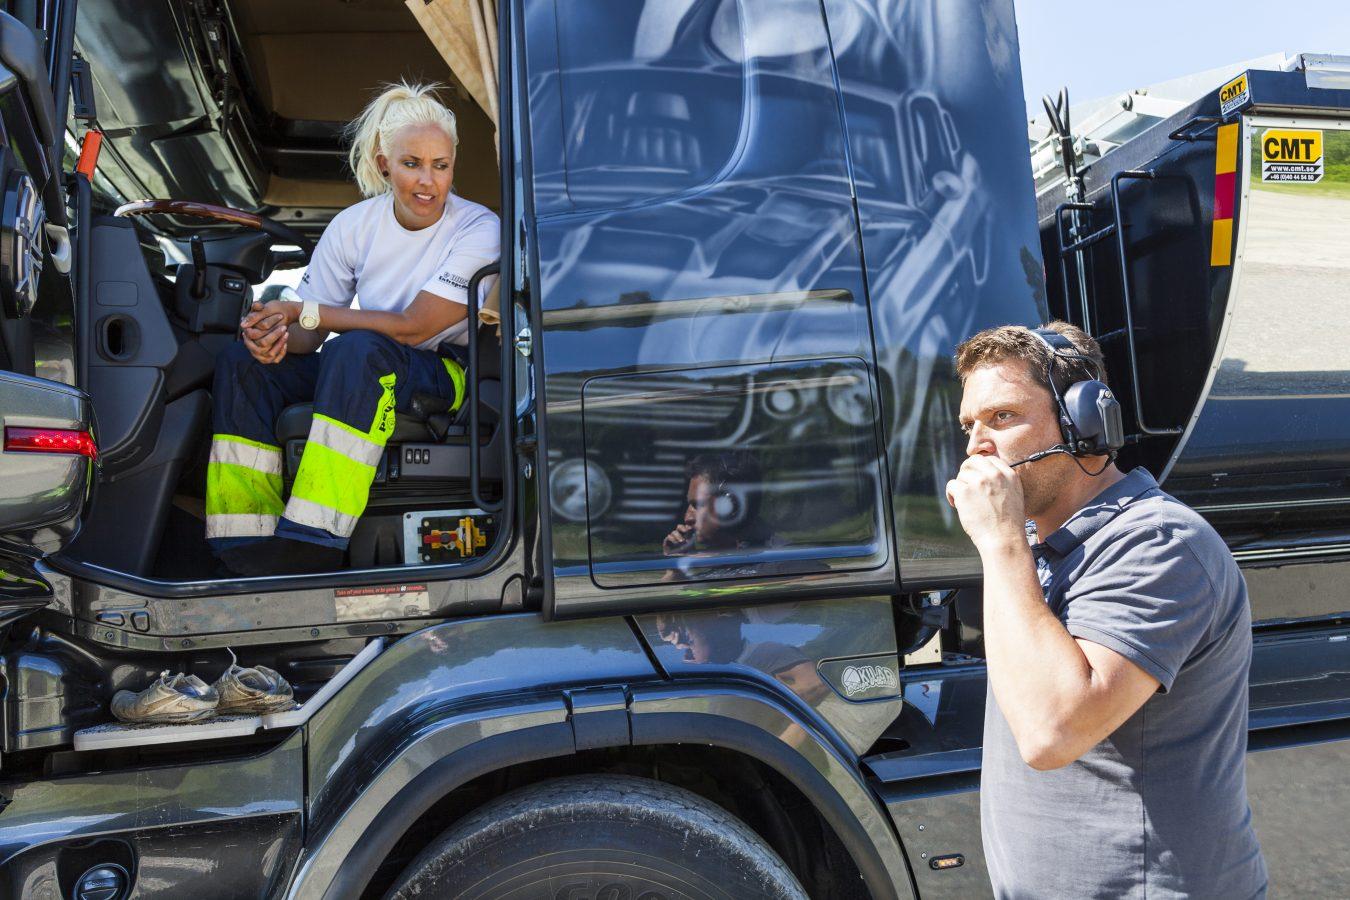 Kvinnelig lastebilsjårfør sitter i førersetet og snakker med en mann som står utenfor bilen.